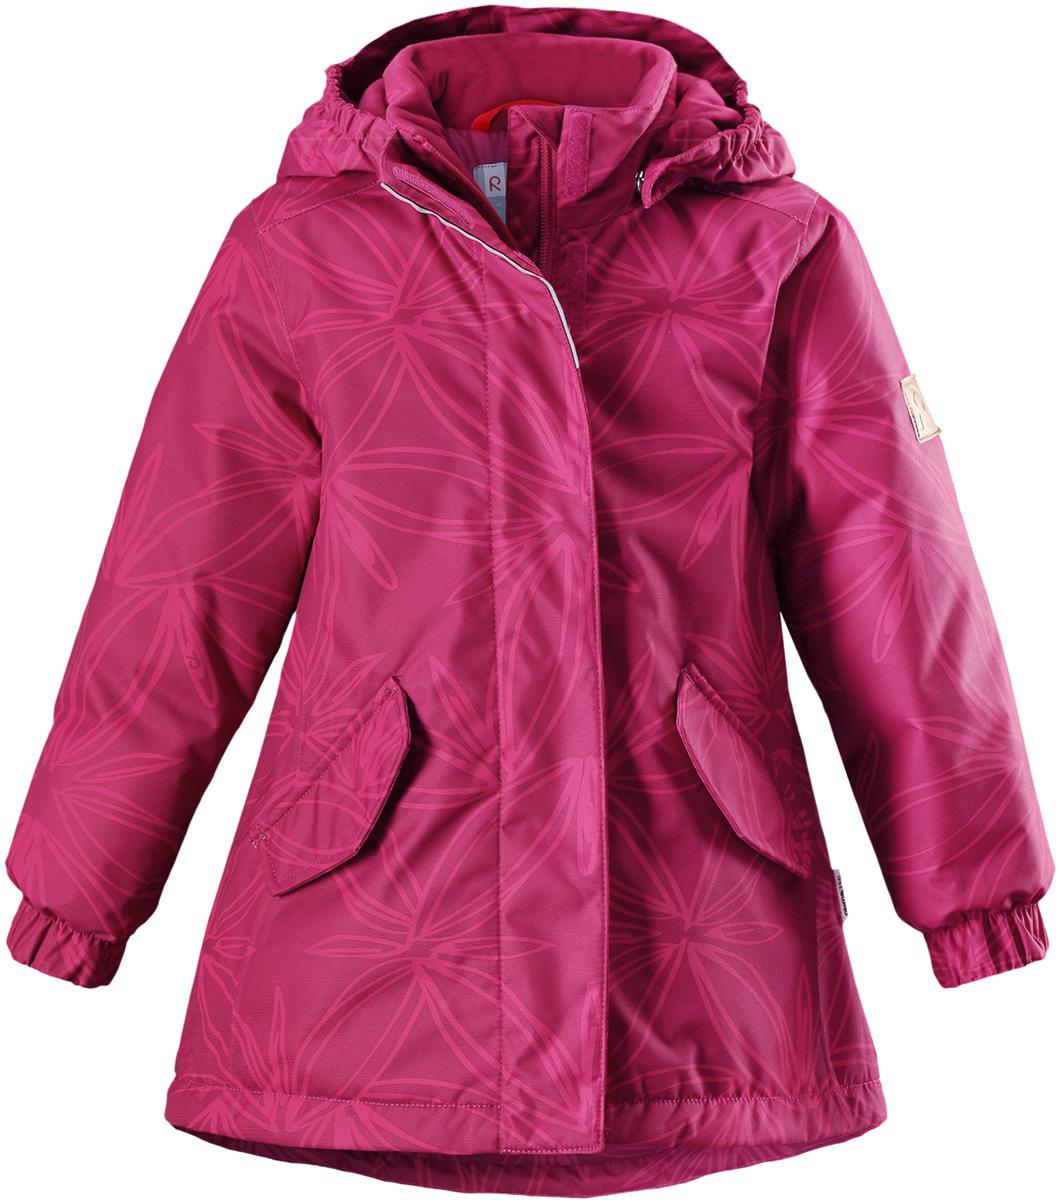 Куртка для девочки Reima Reimatec Jousi, цвет: розовый. 5215123926. Размер 1105215123926Детская зимняя куртка Reimatec изготовлена из износостойкого, водо- и ветронепроницаемого, дышащего материала с водо- и грязеотталкивающей поверхностью. Основные швы в куртке проклеены и водонепроницаемы, поэтому неожиданный снегопад или дождь не помешает веселым играм на свежем воздухе! Эта куртка с подкладкой из гладкого полиэстера легко надевается, и ее очень удобно носить. Благодаря регулируемой талии и подолу эта куртка прямого кроя отлично сидит по фигуре. Капюшон снабжен кнопками. Это обеспечивает дополнительную безопасность во время активных прогулок – капюшон легко отстегивается, если случайно за что-нибудь зацепится. Эластичные манжеты, два передних кармана с клапанами и светоотражающие детали.Средняя степень утепления.